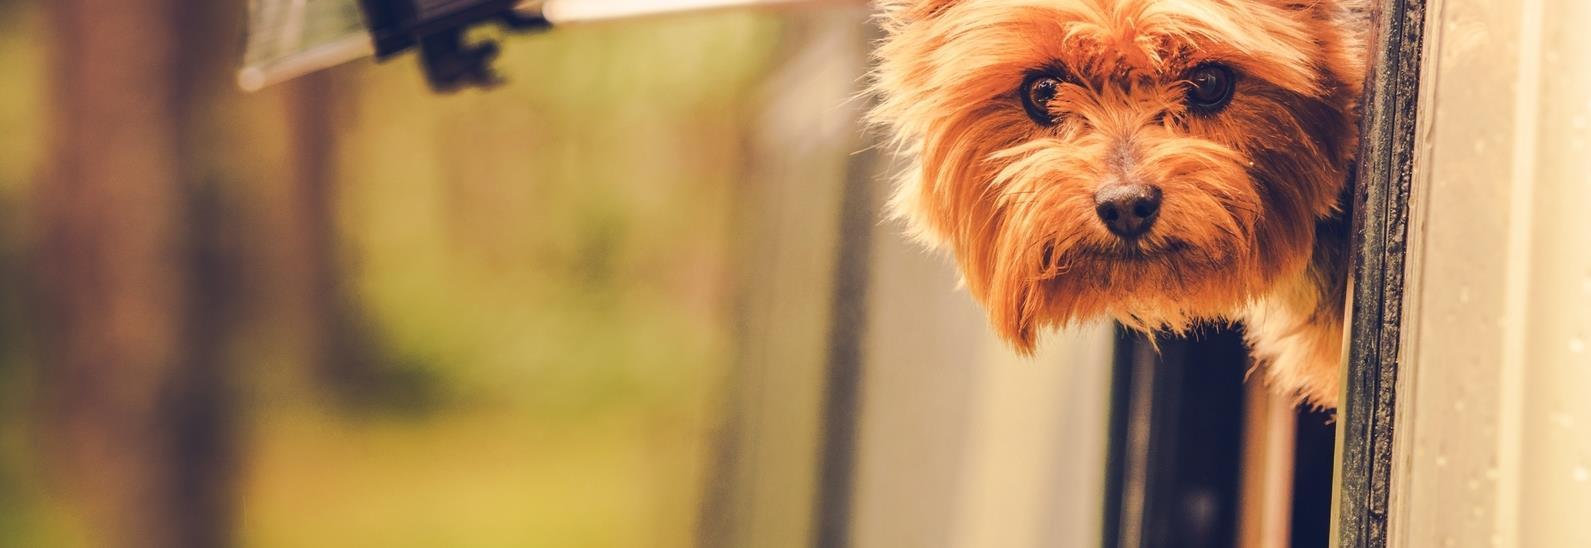 Kleiner Hund schaut aus Wohnmobilfenster